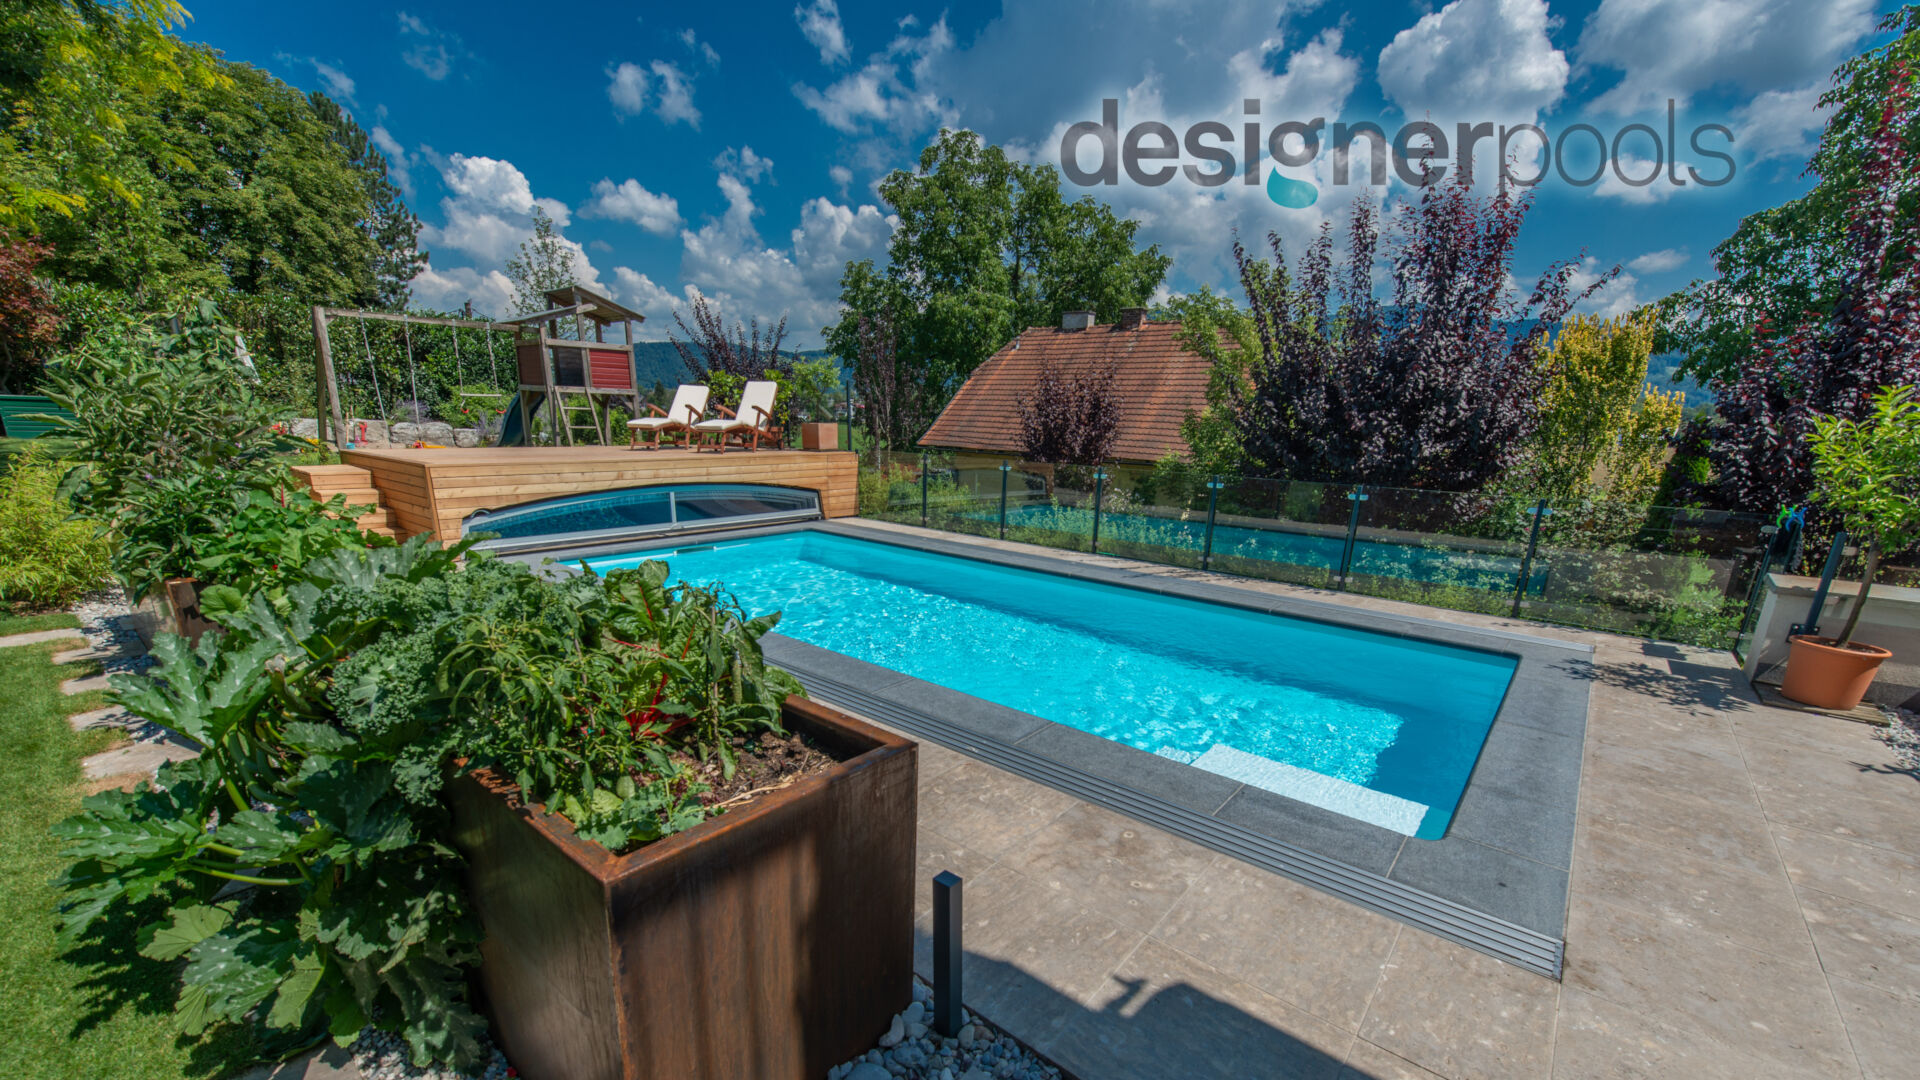 Belize-Flachskimmerpool HYFLO - designerpools